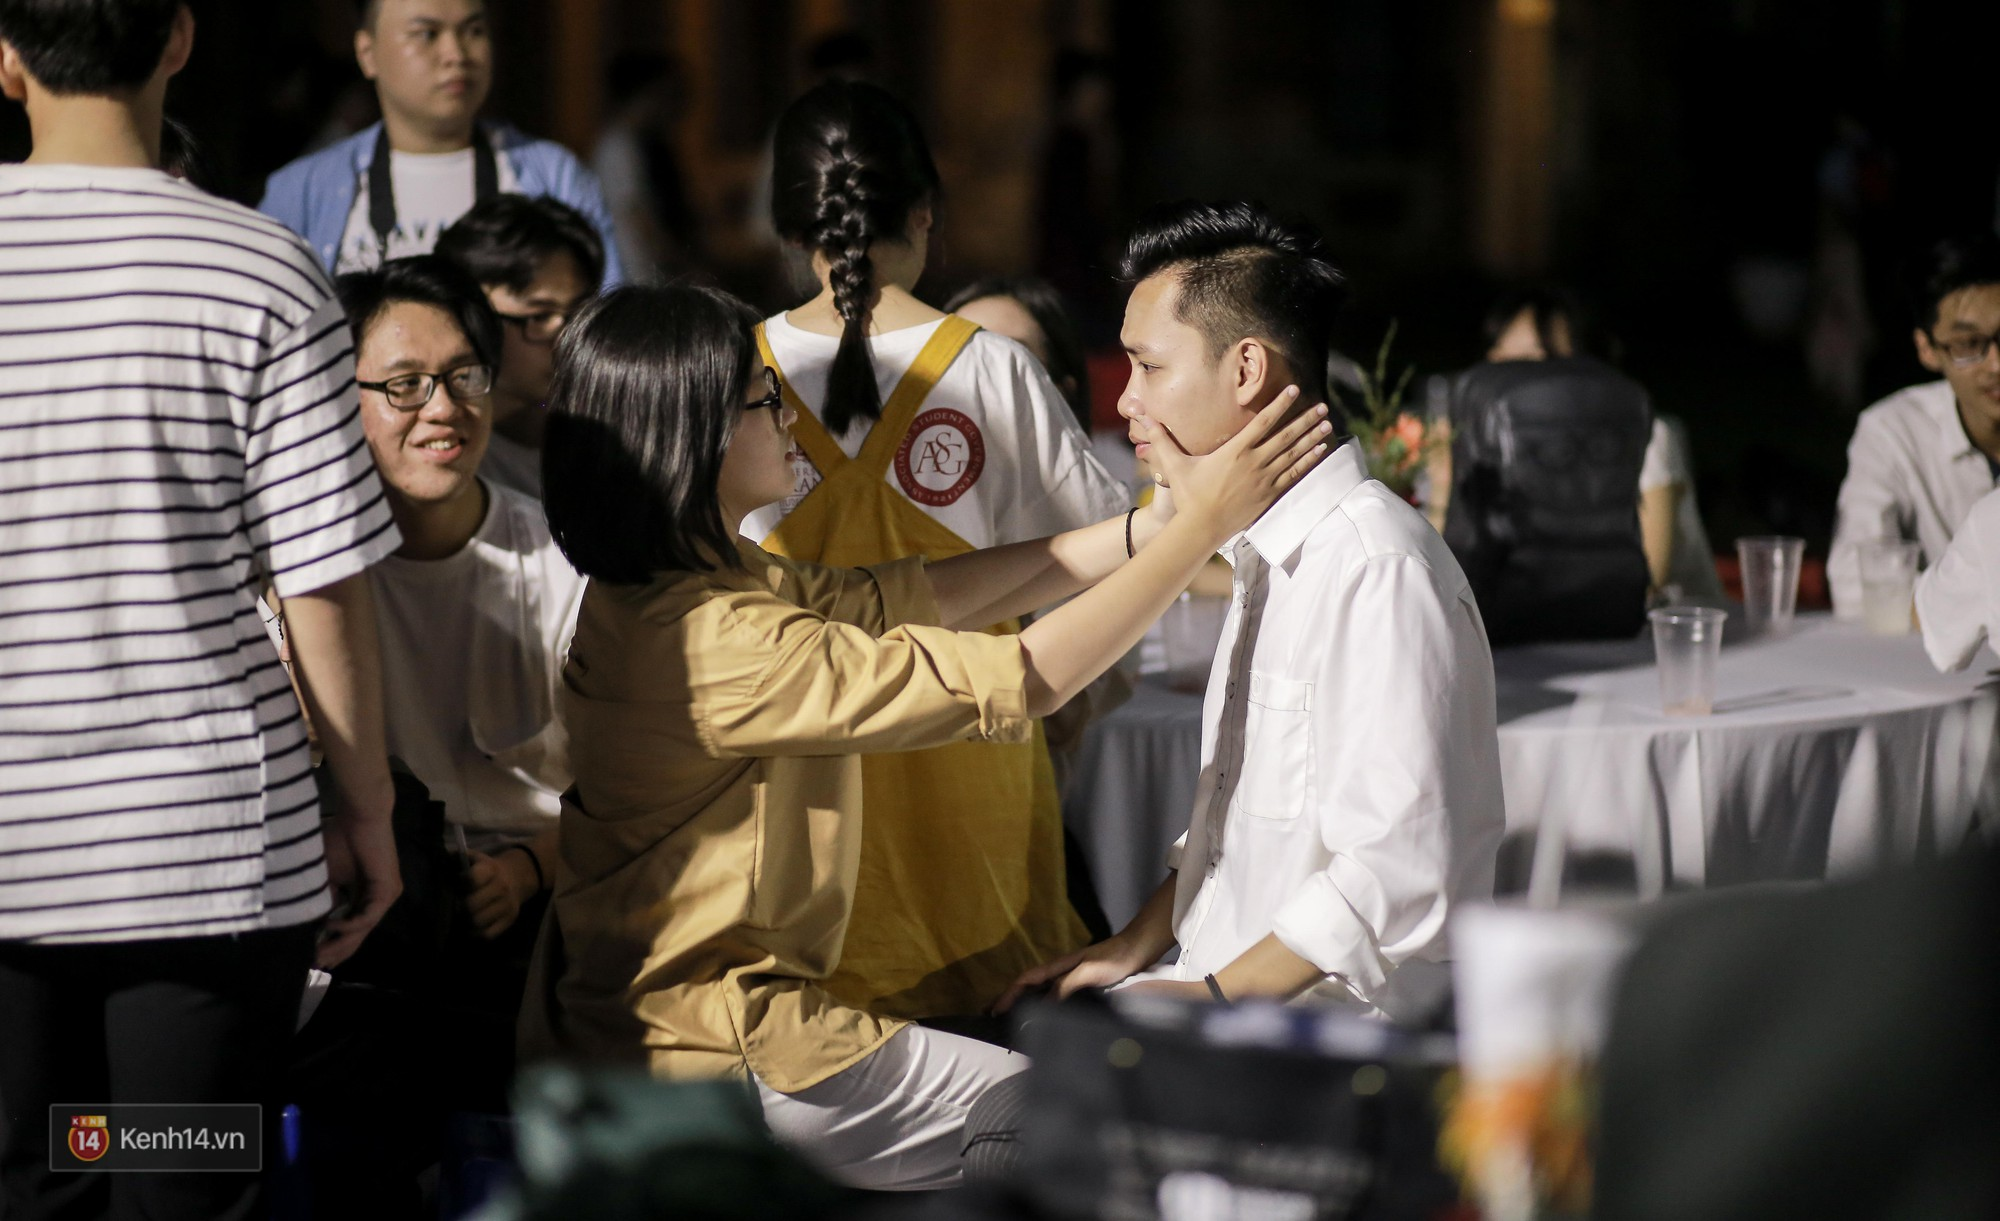 Nữ sinh Chu Văn An xinh ngẩn ngơ trong đêm tri ân/ trưởng thành - Ảnh 8.